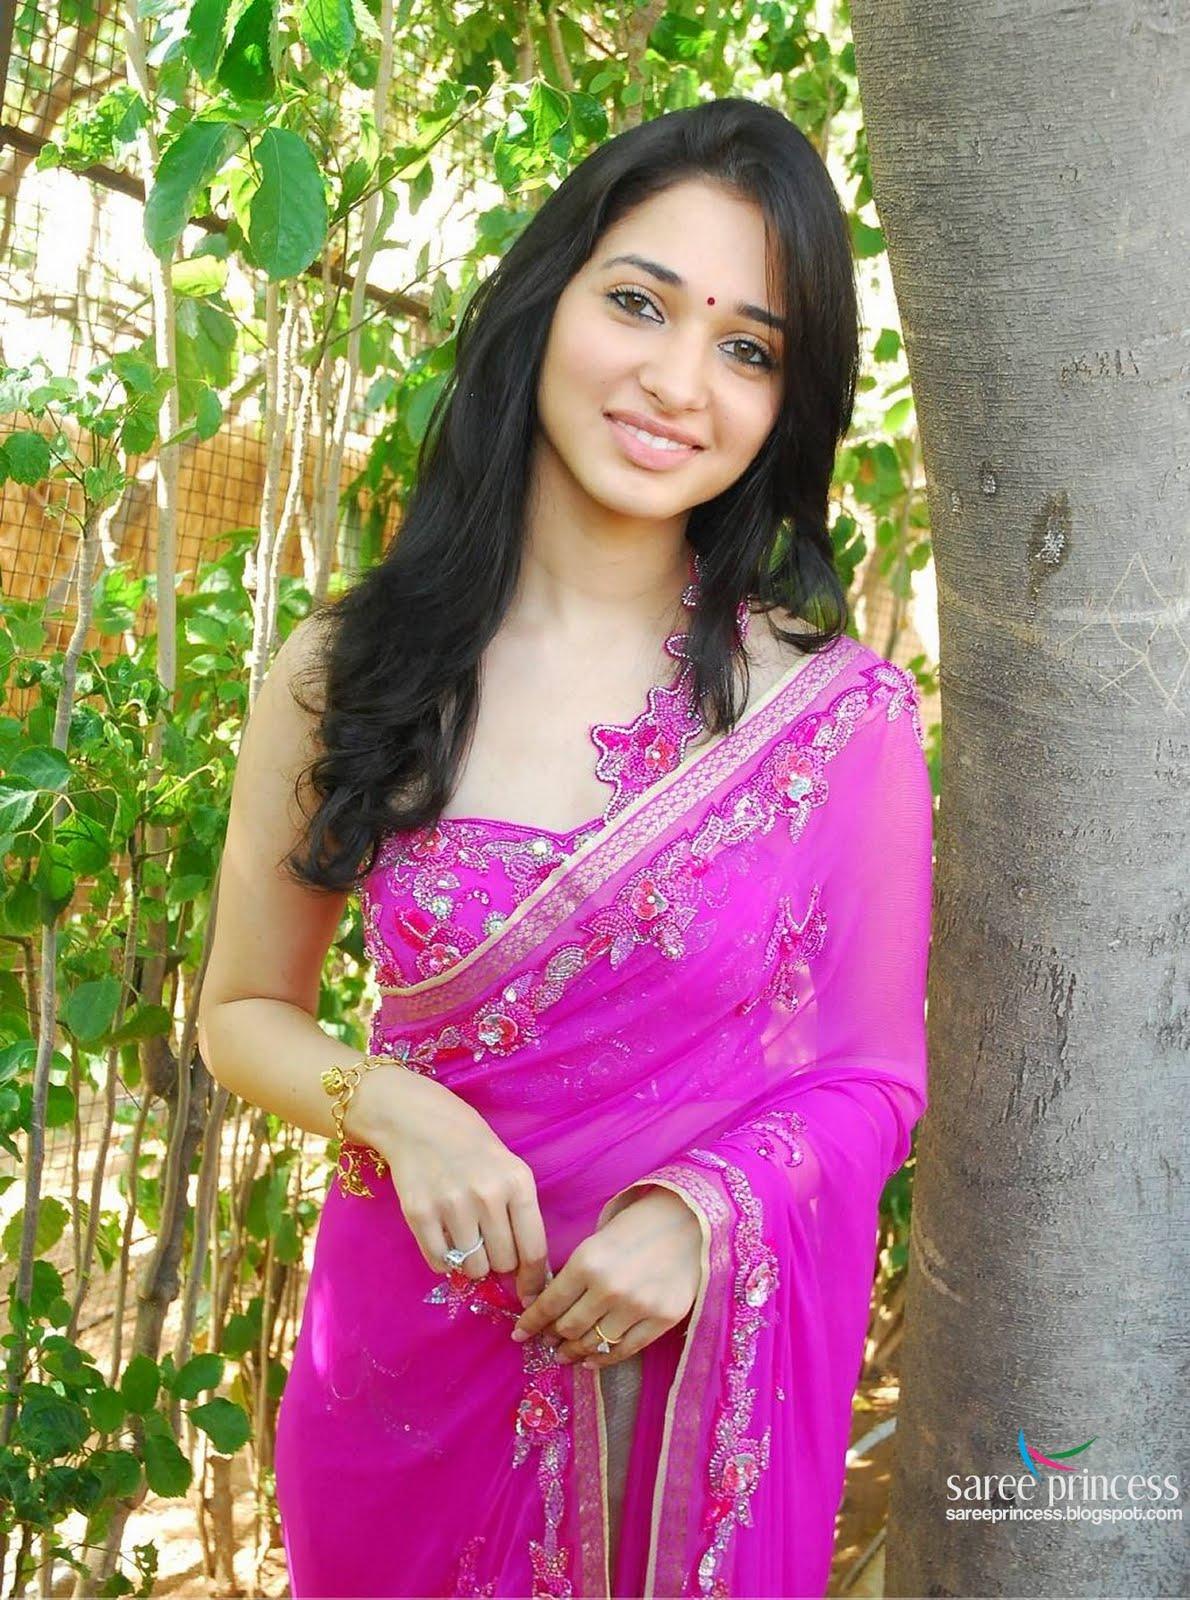 Beautiful desi girl photo M/